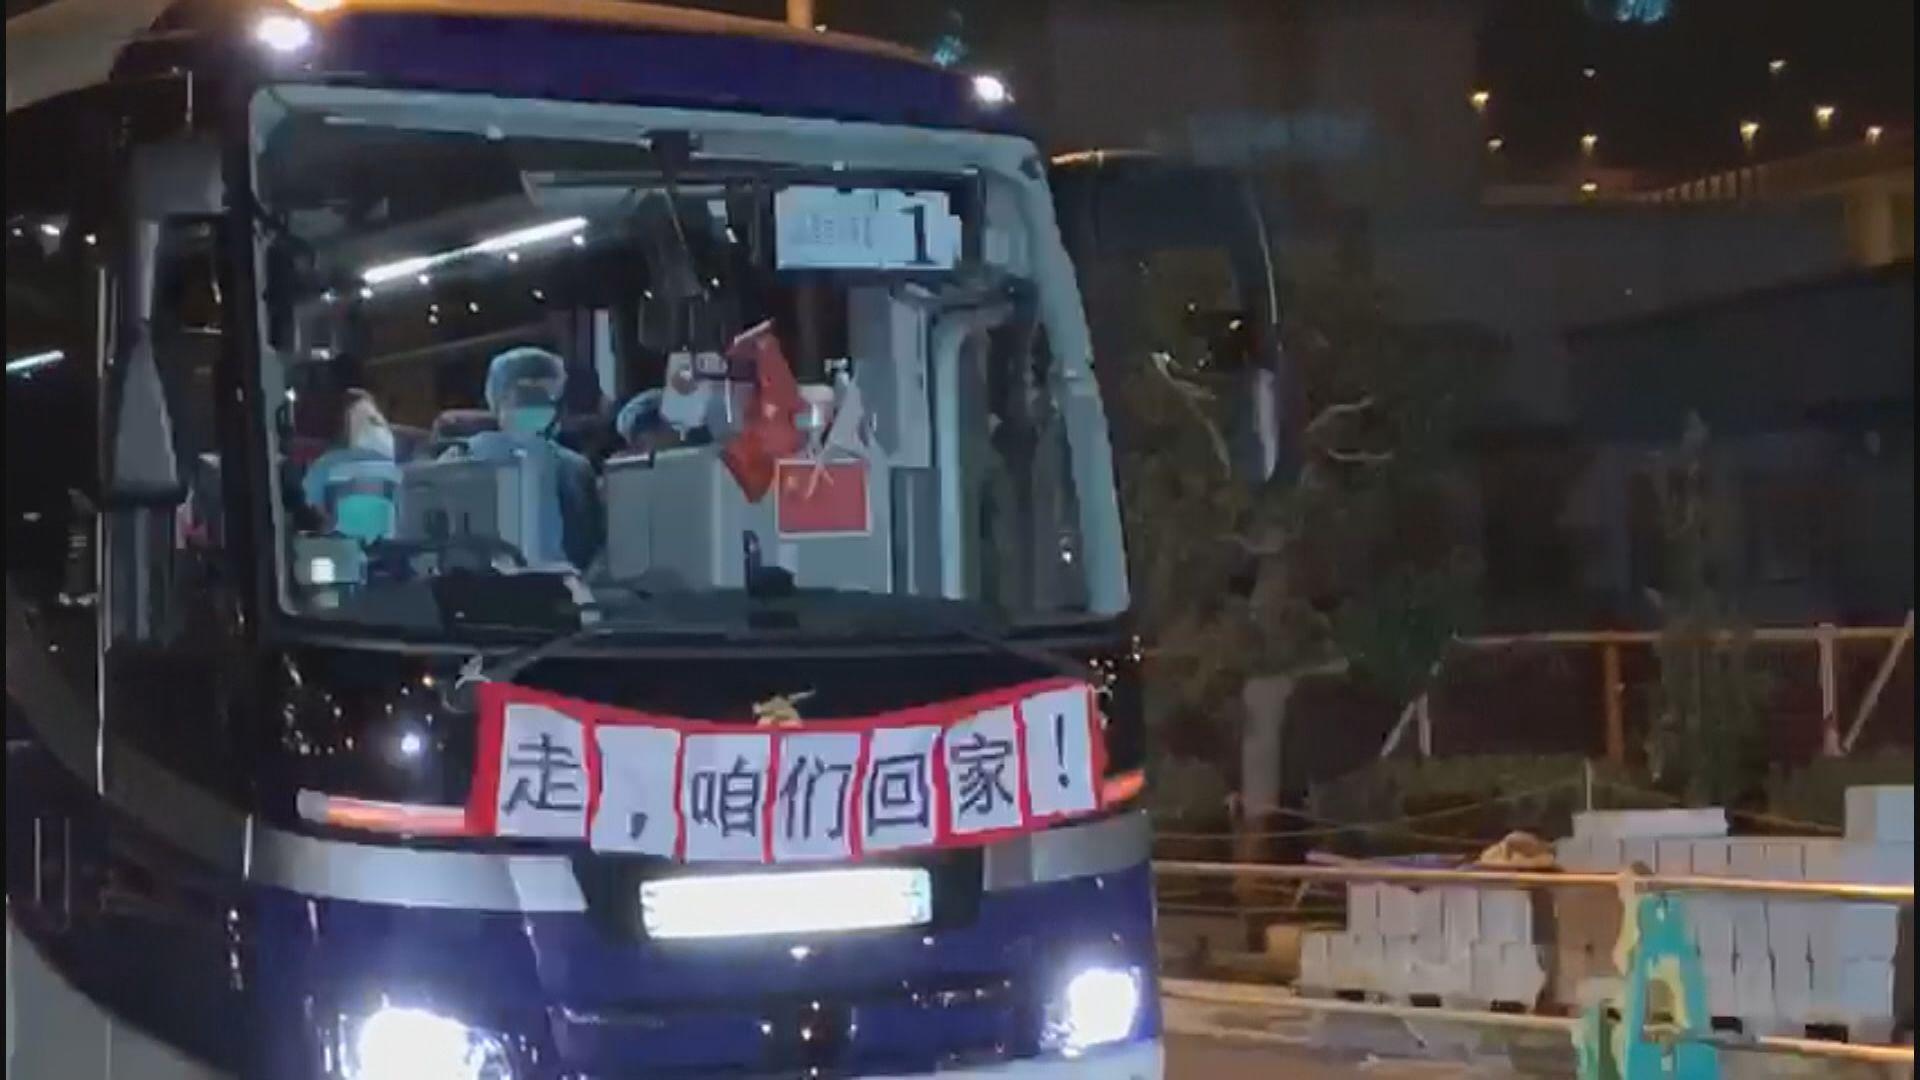 本港新增一宗確診 患者為鑽石公主號乘客